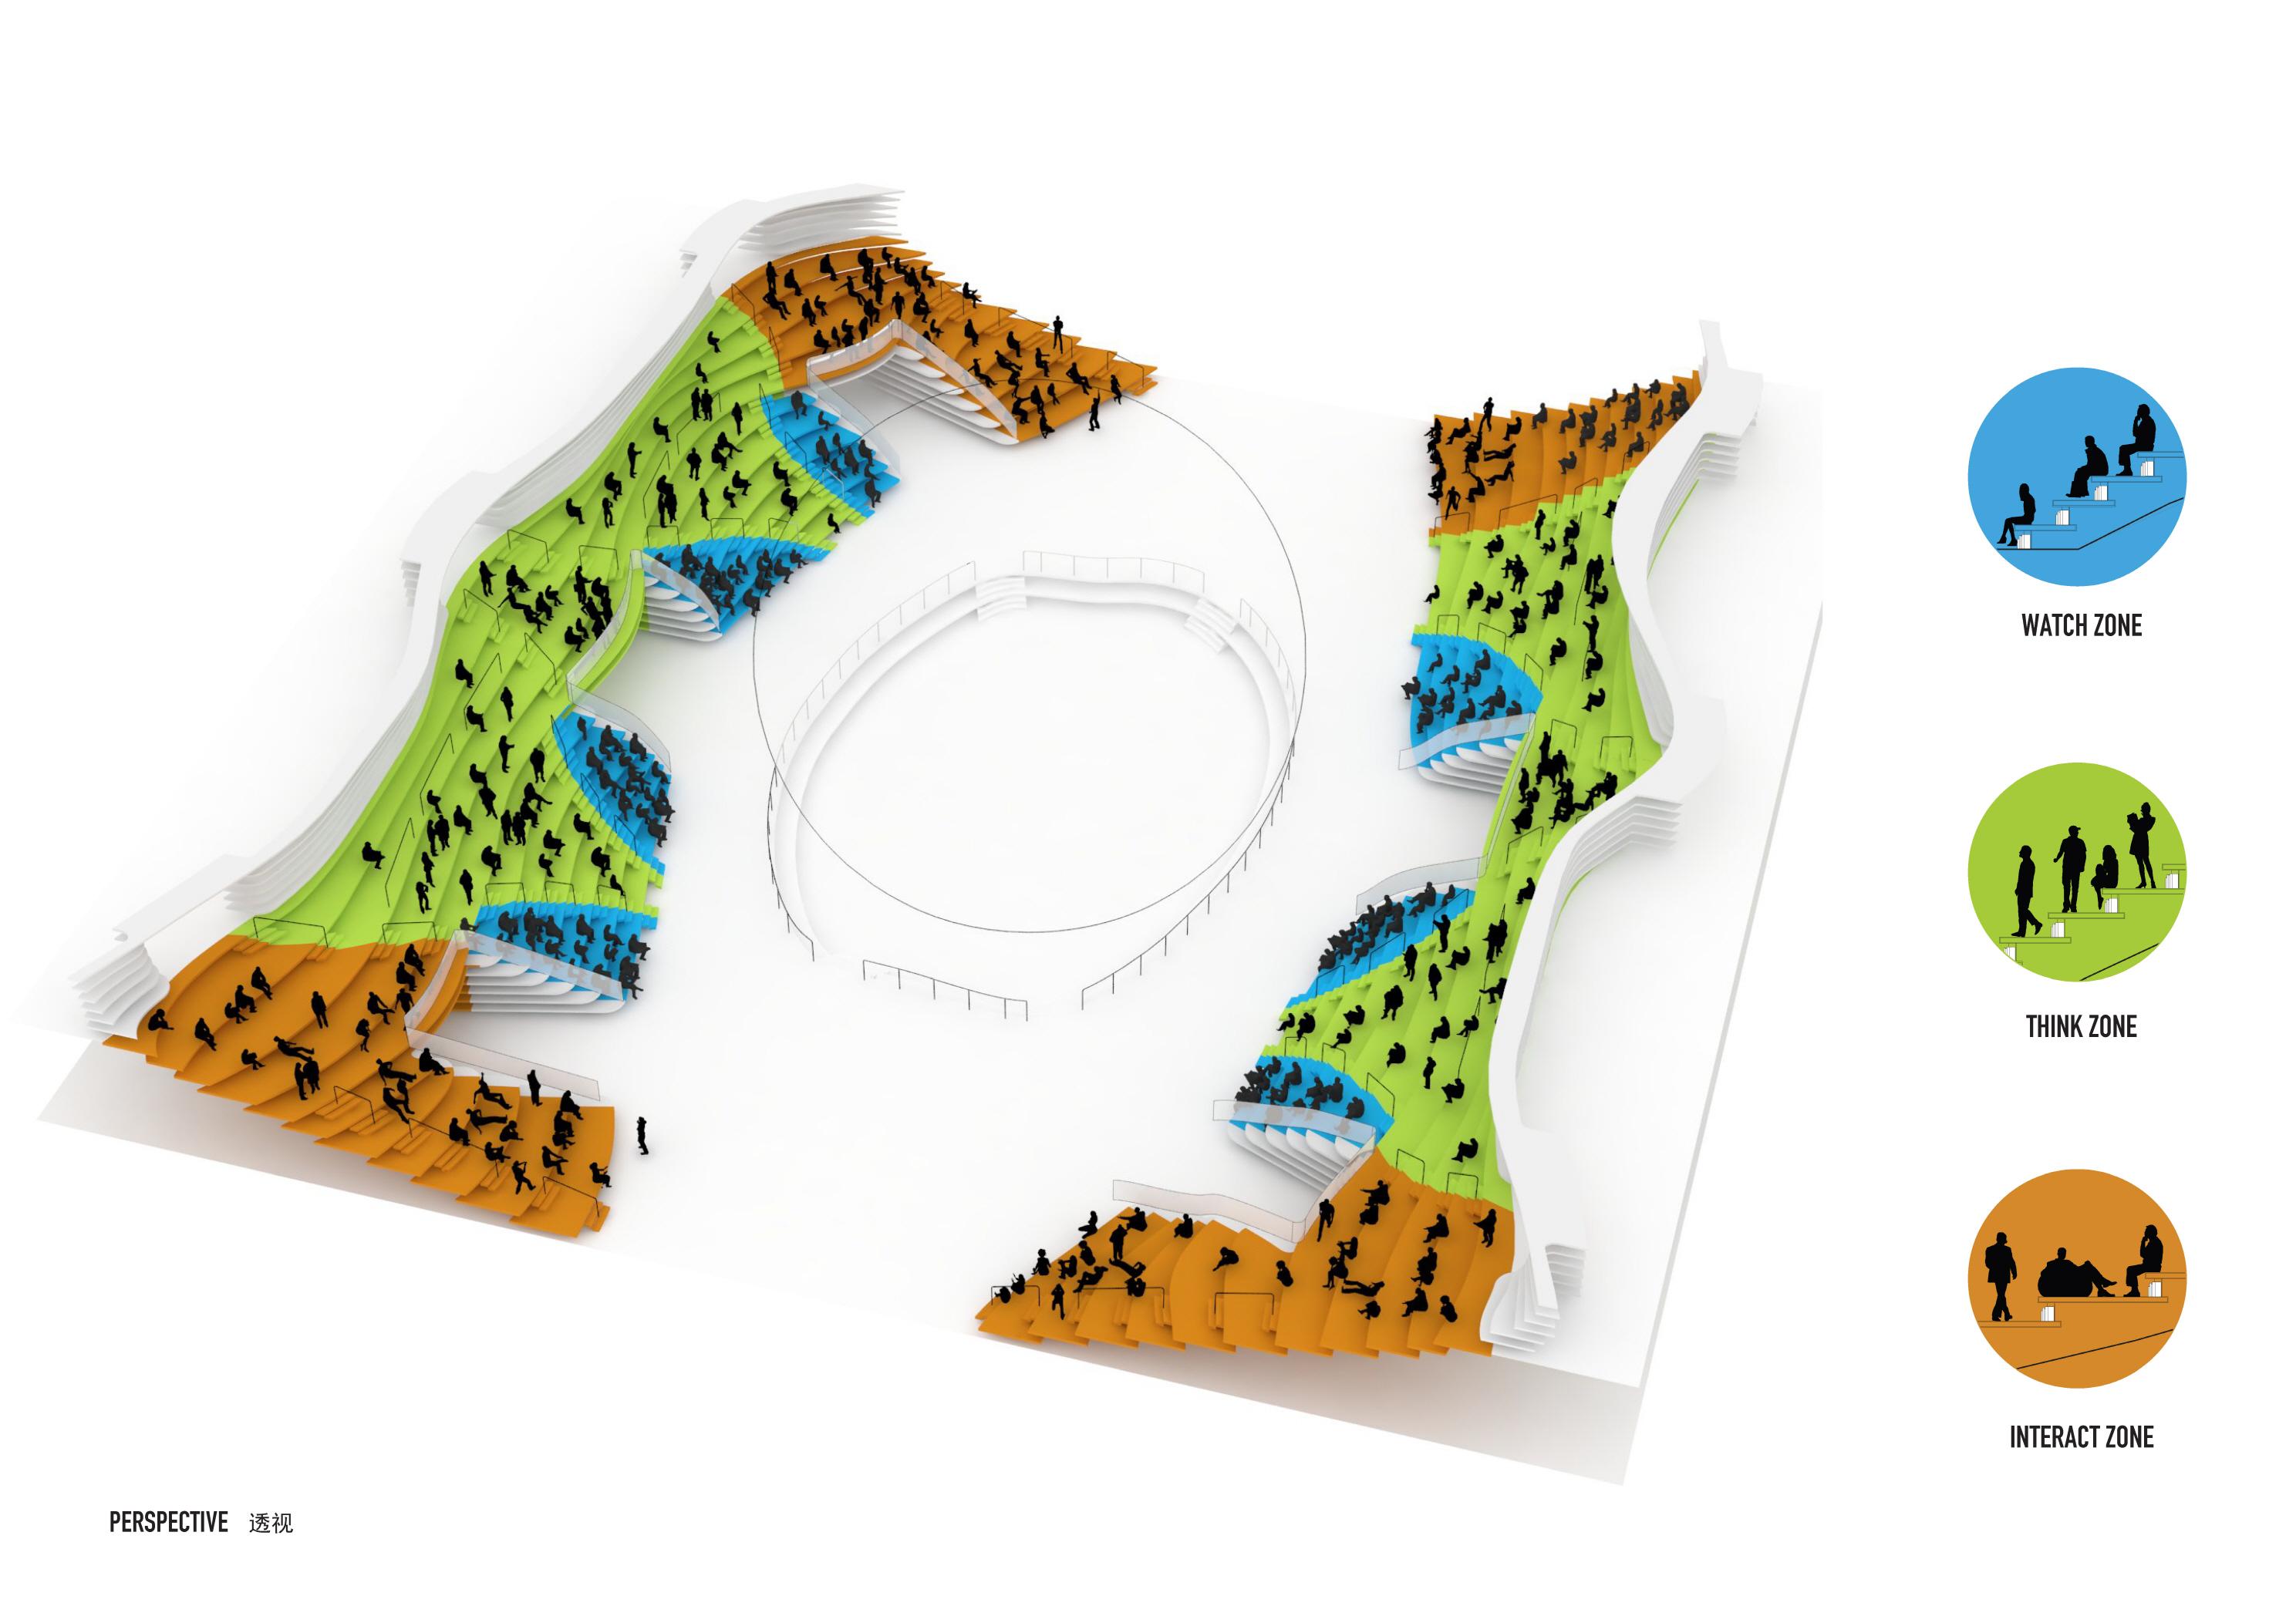 〔안정원의 건축 칼럼〕 계단 지형을 닮은 캐스케이드형 아트리움의 이색적인 도서관 건축 2